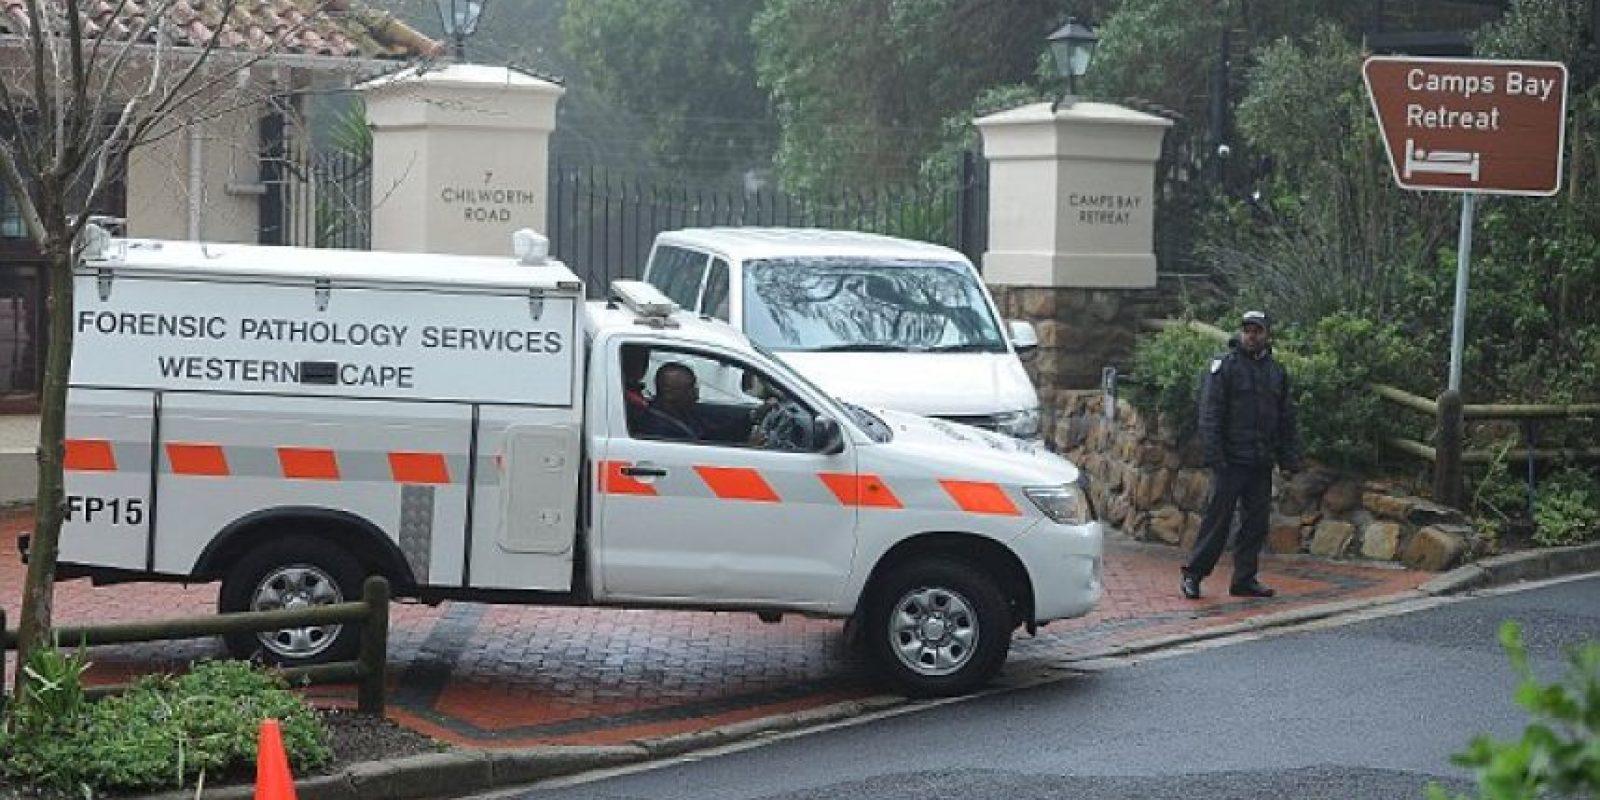 La policía cerró el Camps Bay Retreat en Ciudad del Cabo, en Sudáfrica, luego del asesinato de Kabrins. Foto:Daily Mail